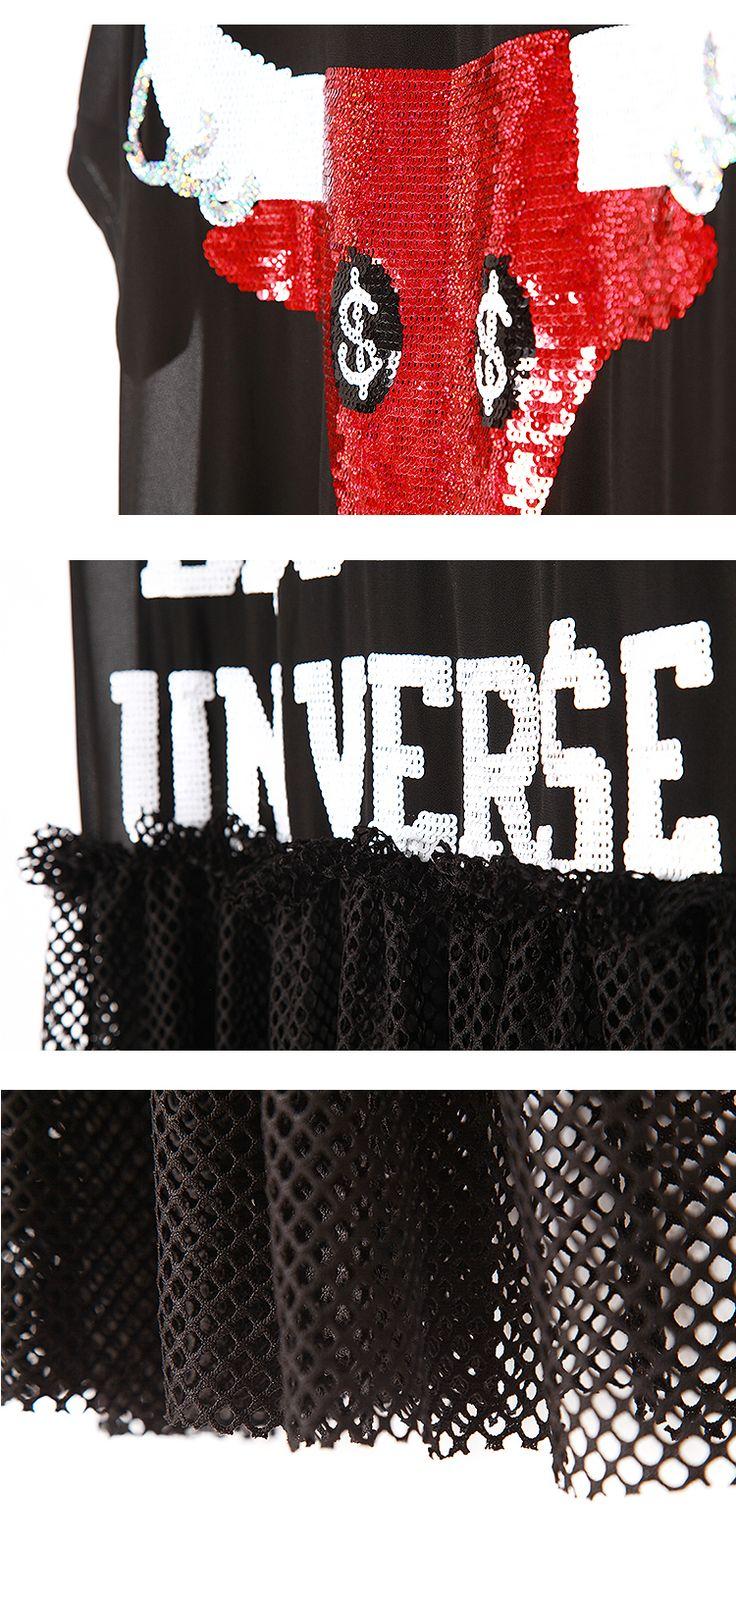 Мелинда стиль 2015 новых мужчин мода летнее платье с блестками коробки письмо шаблон сетки развертки платье свадебные платья бесплатная доставка, принадлежащий категории Платья и относящийся к Одежда и аксессуары для женщин на сайте AliExpress.com | Alibaba Group